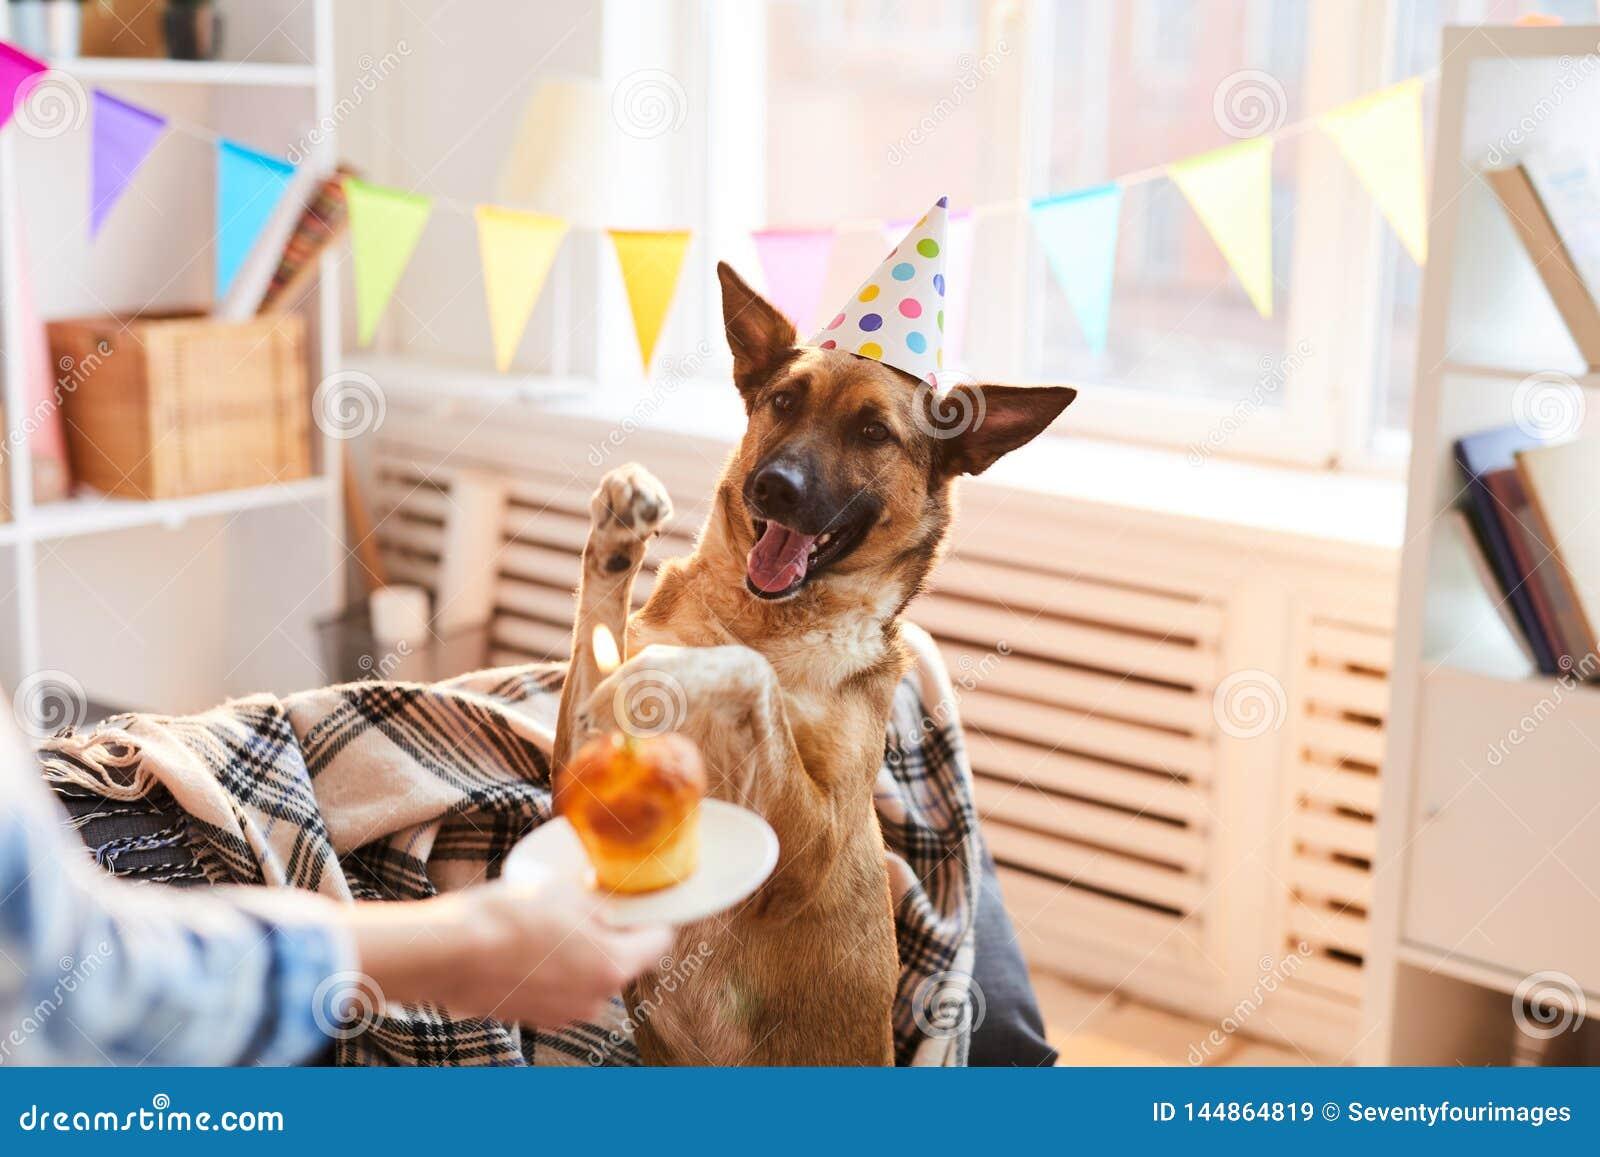 Именниный пирог для собаки